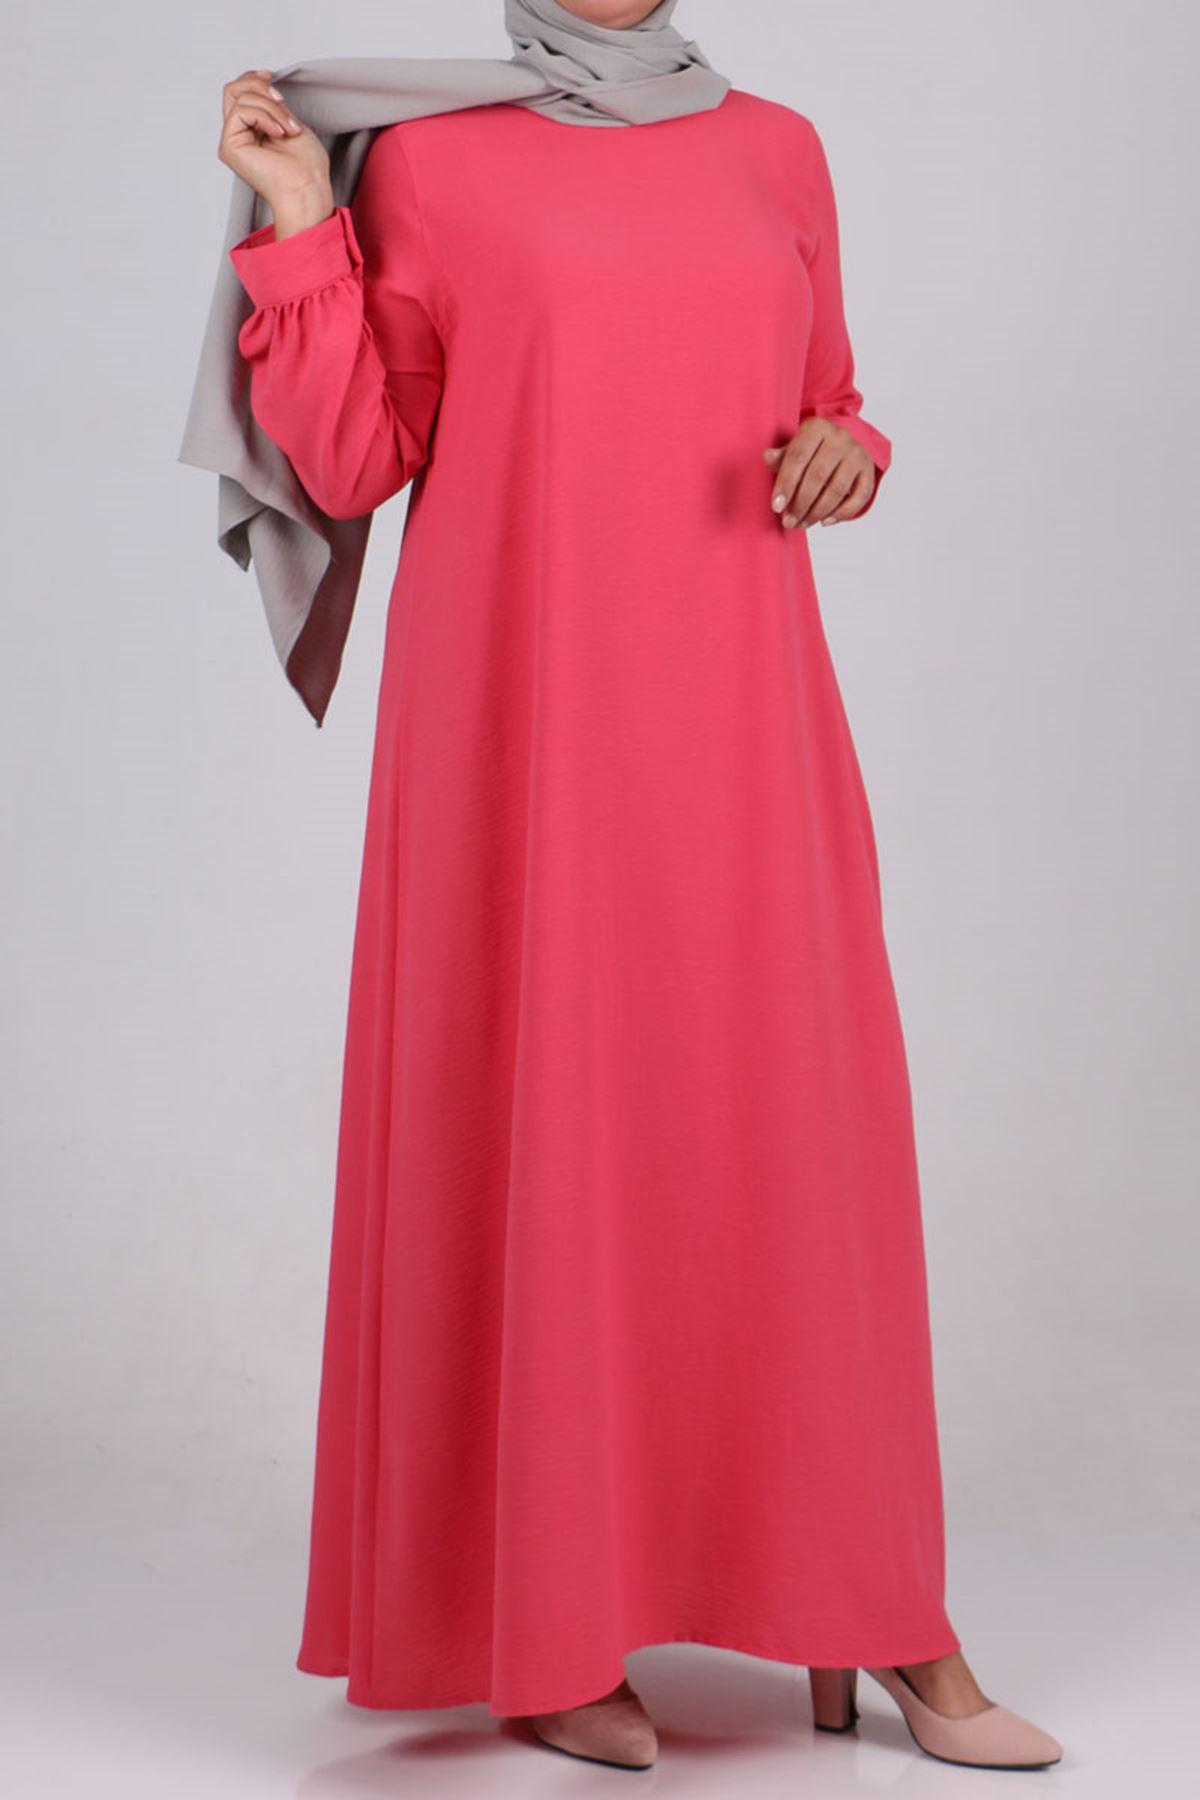 2102 Büyük Beden Airobin Elbise - Mercan Pembesi